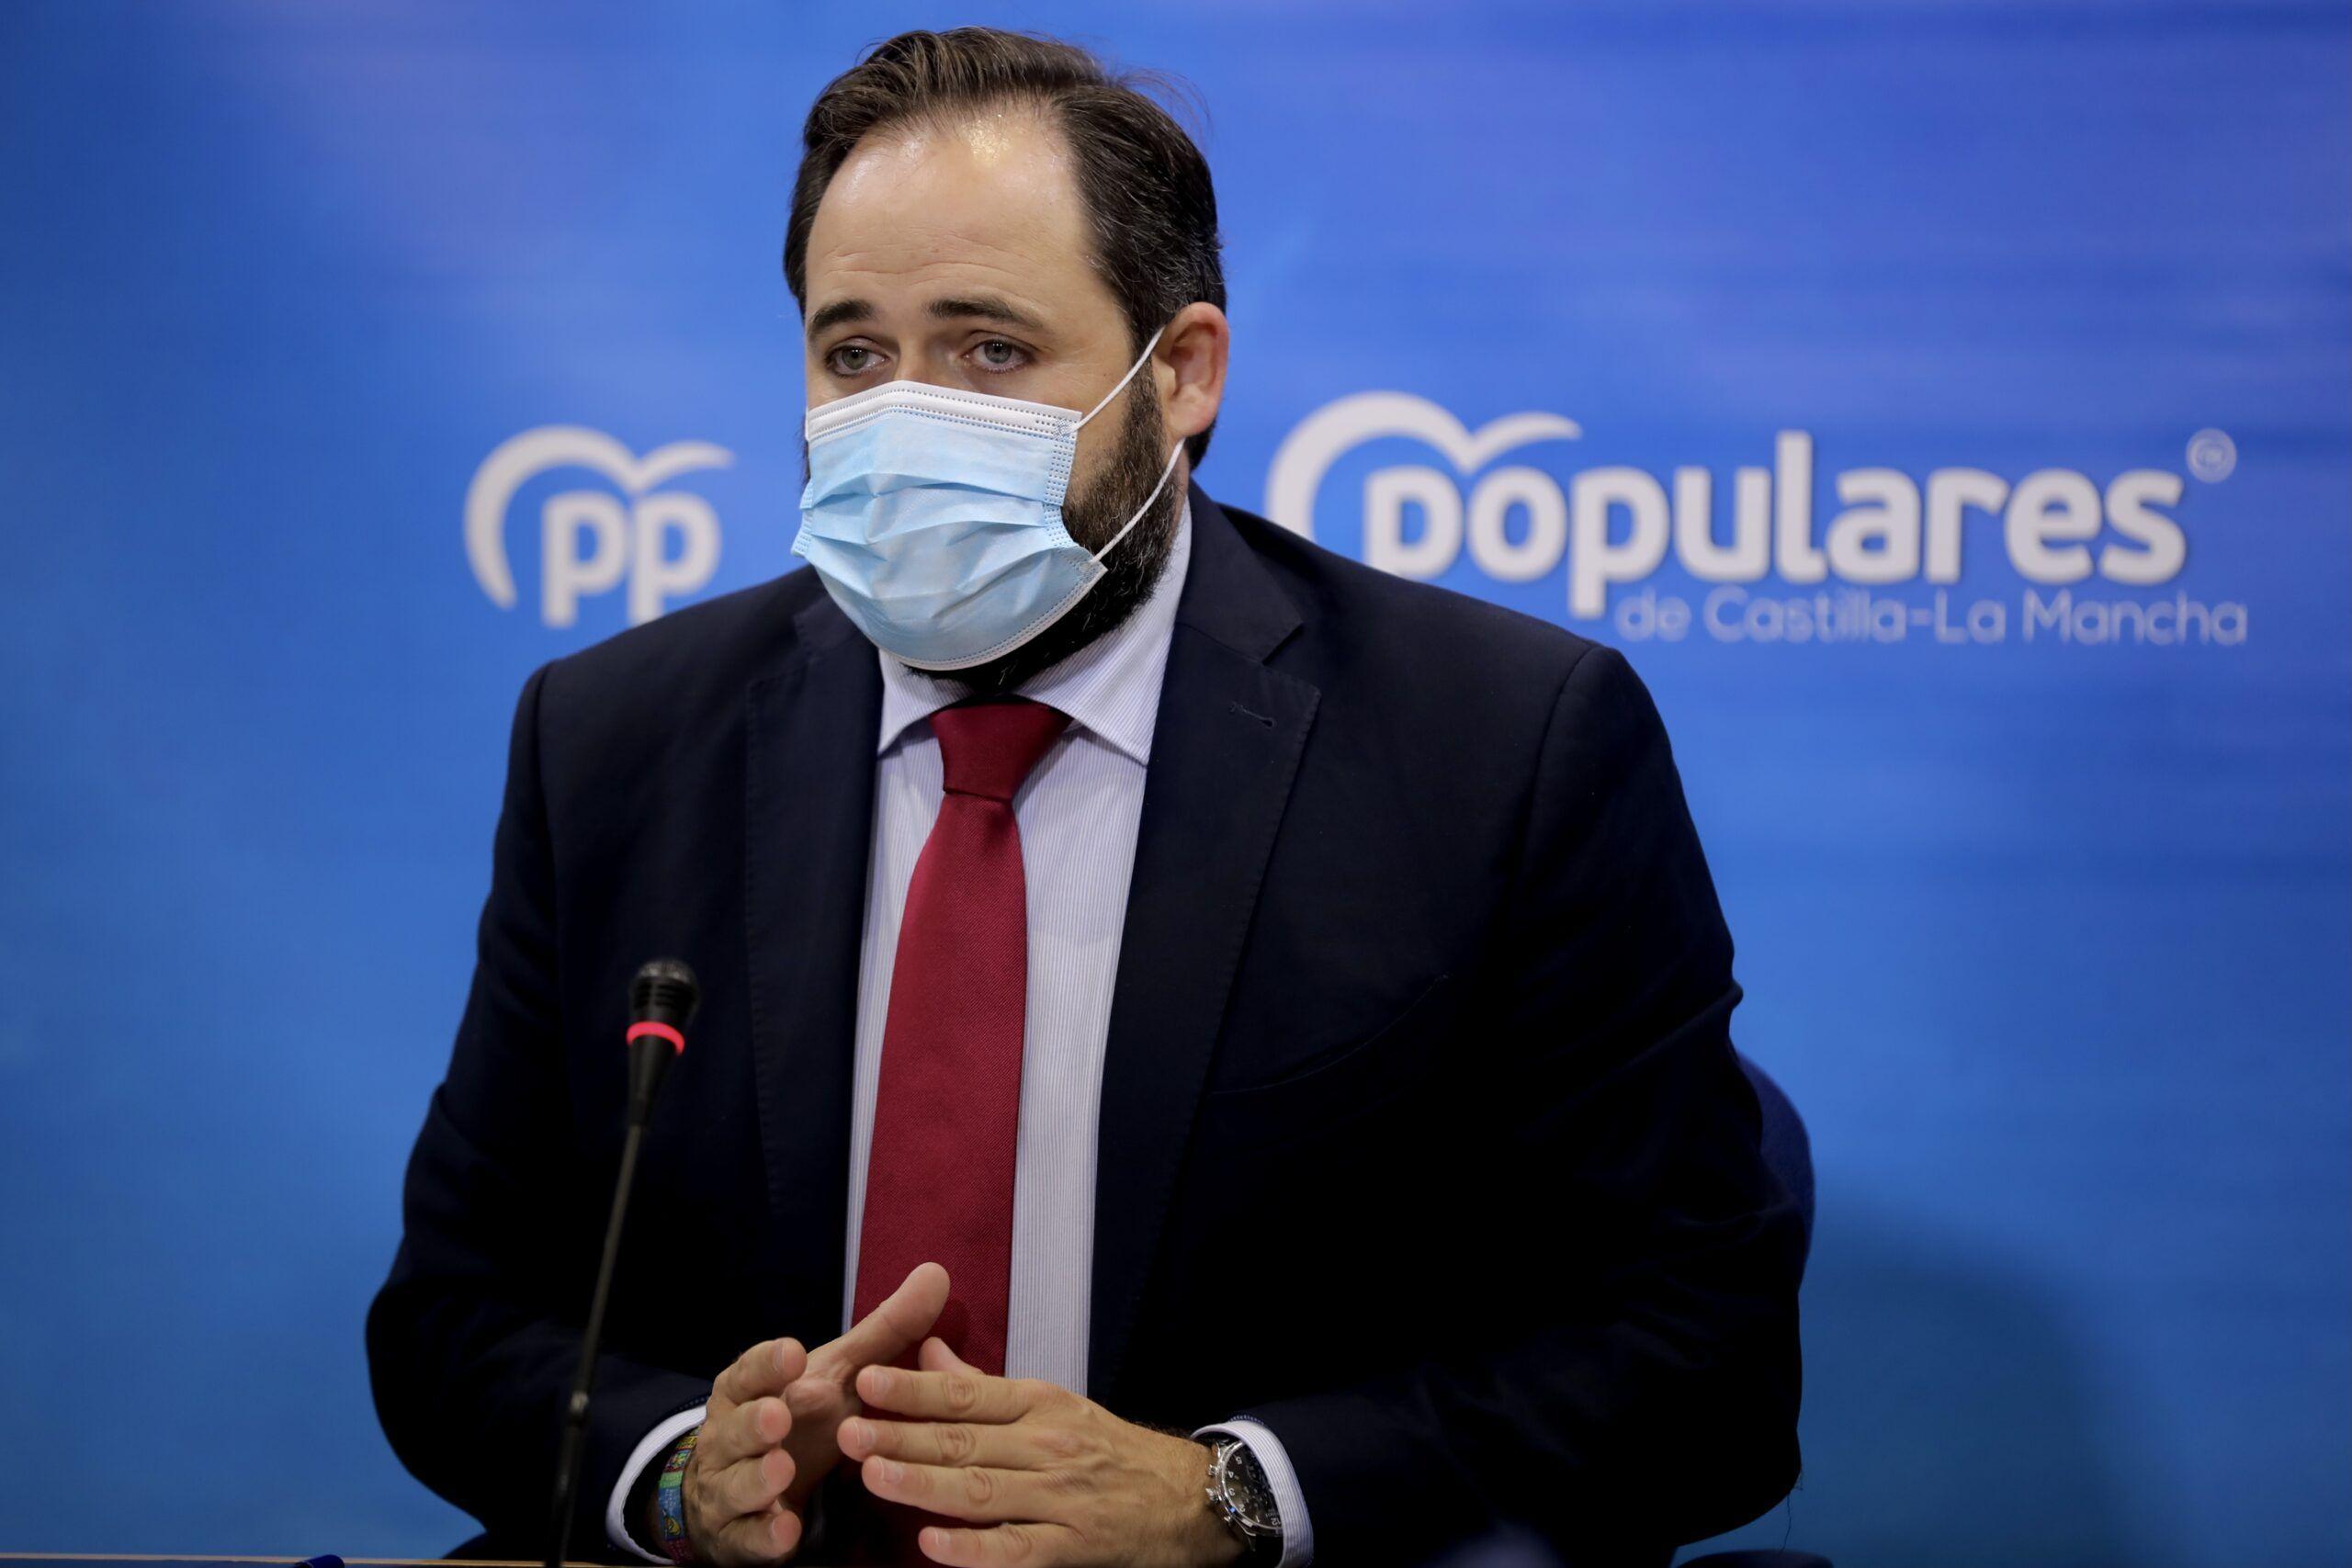 Núñez propone un Plan de Choque dotado de 30 millones de euros para aumentar la plantilla de profesionales y atajar las listas de espera sanitarias